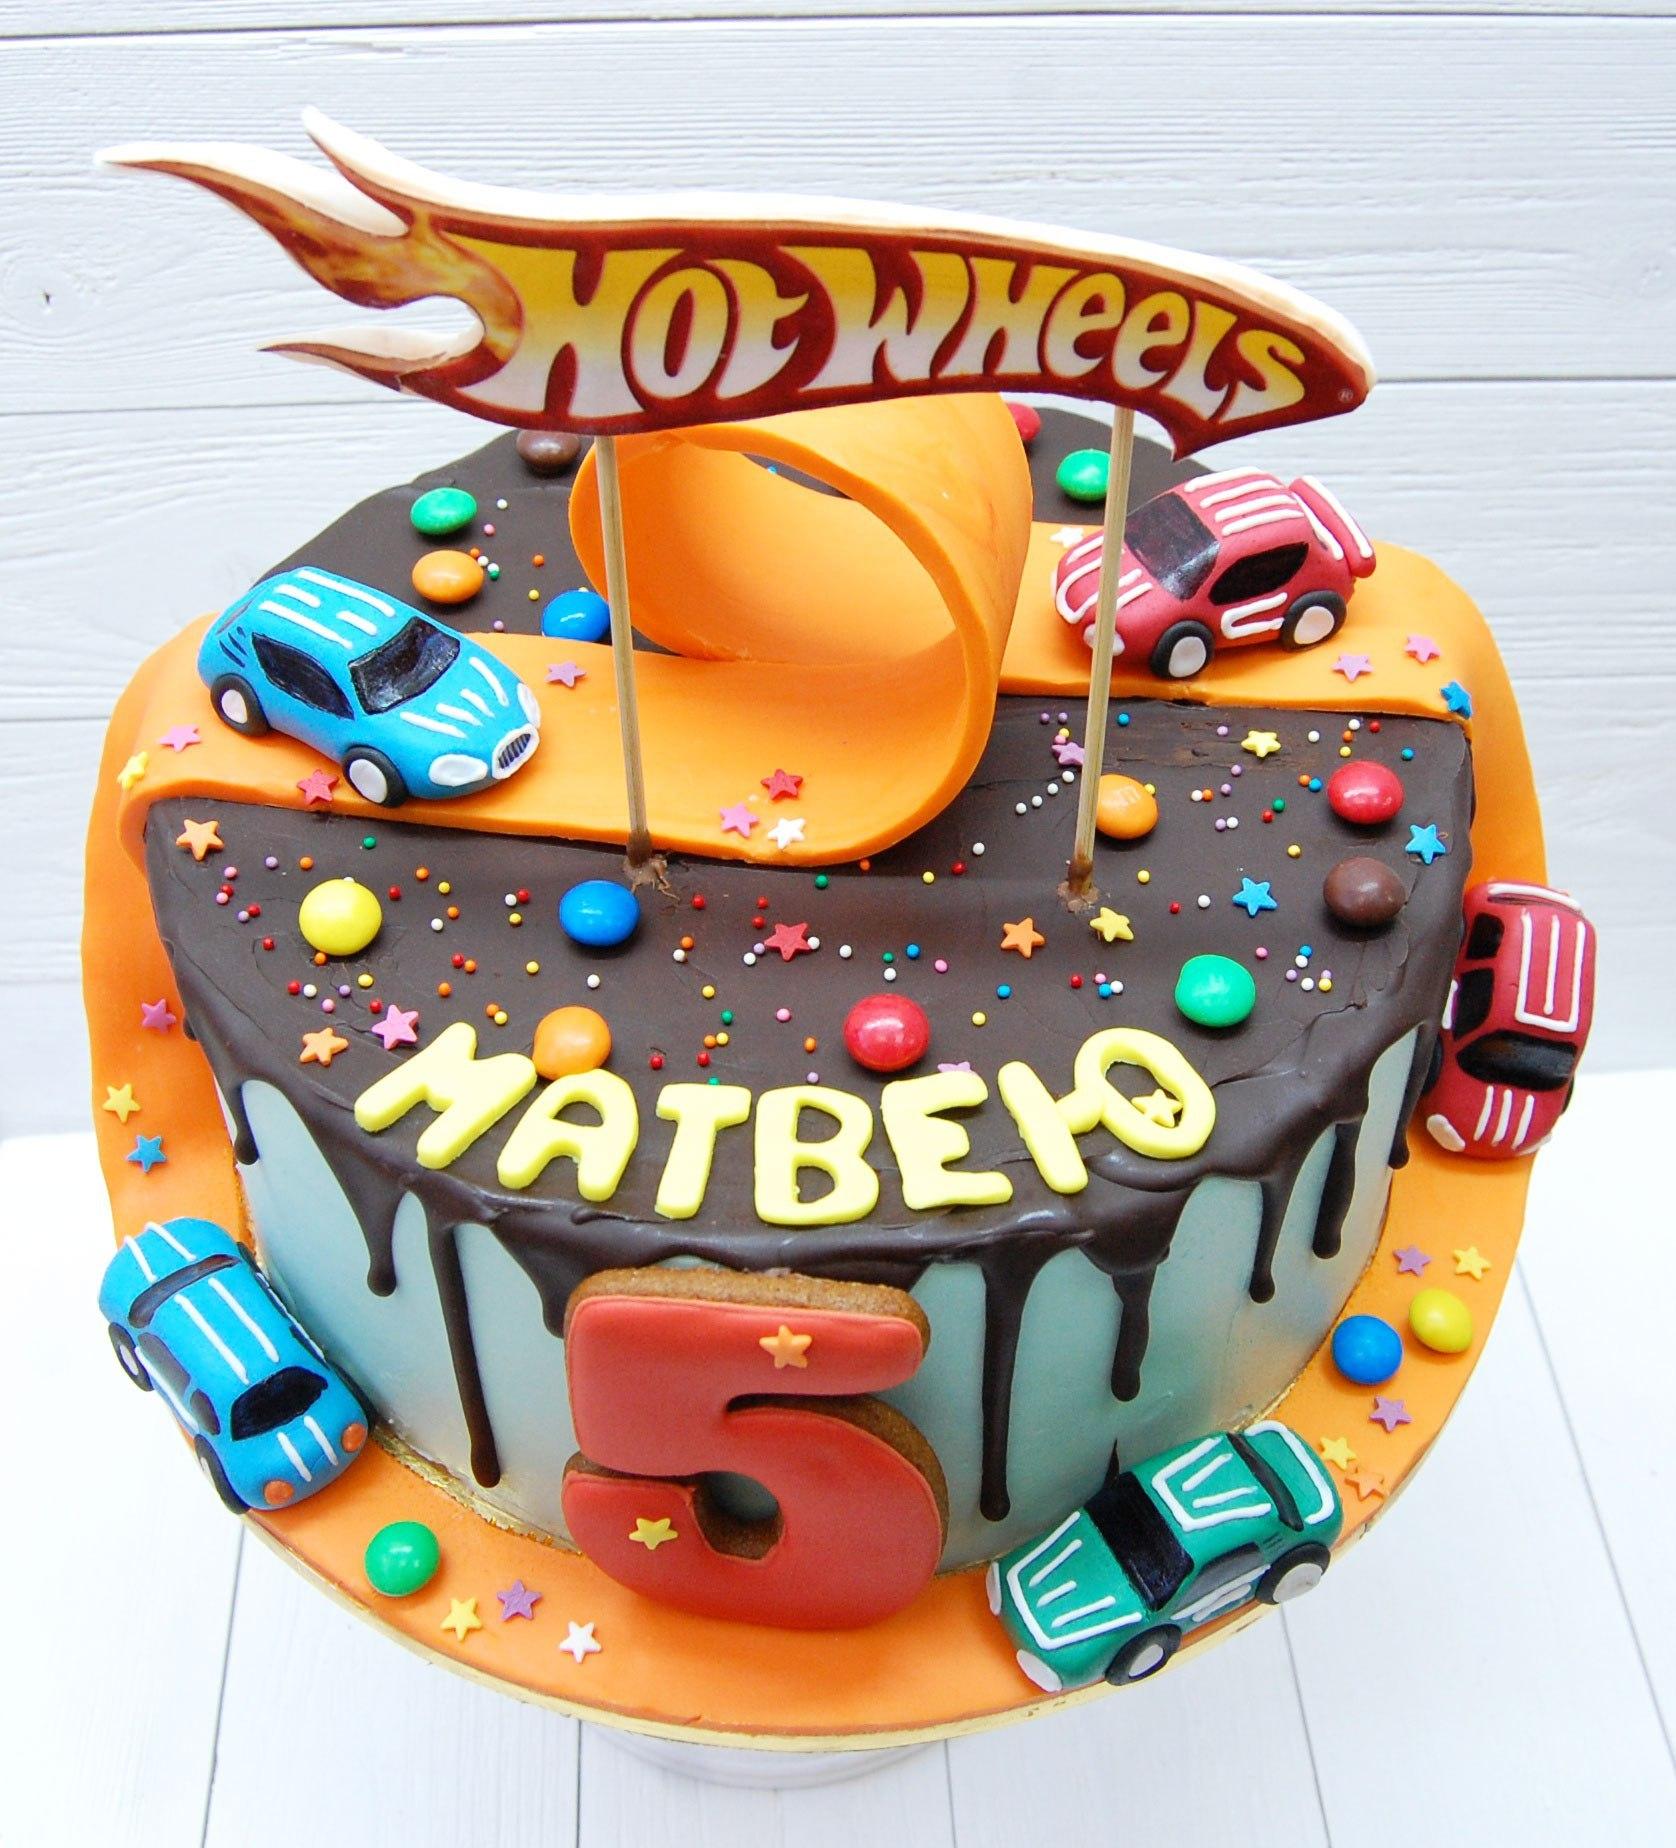 Картинки тортики с днем рождения для мальчика